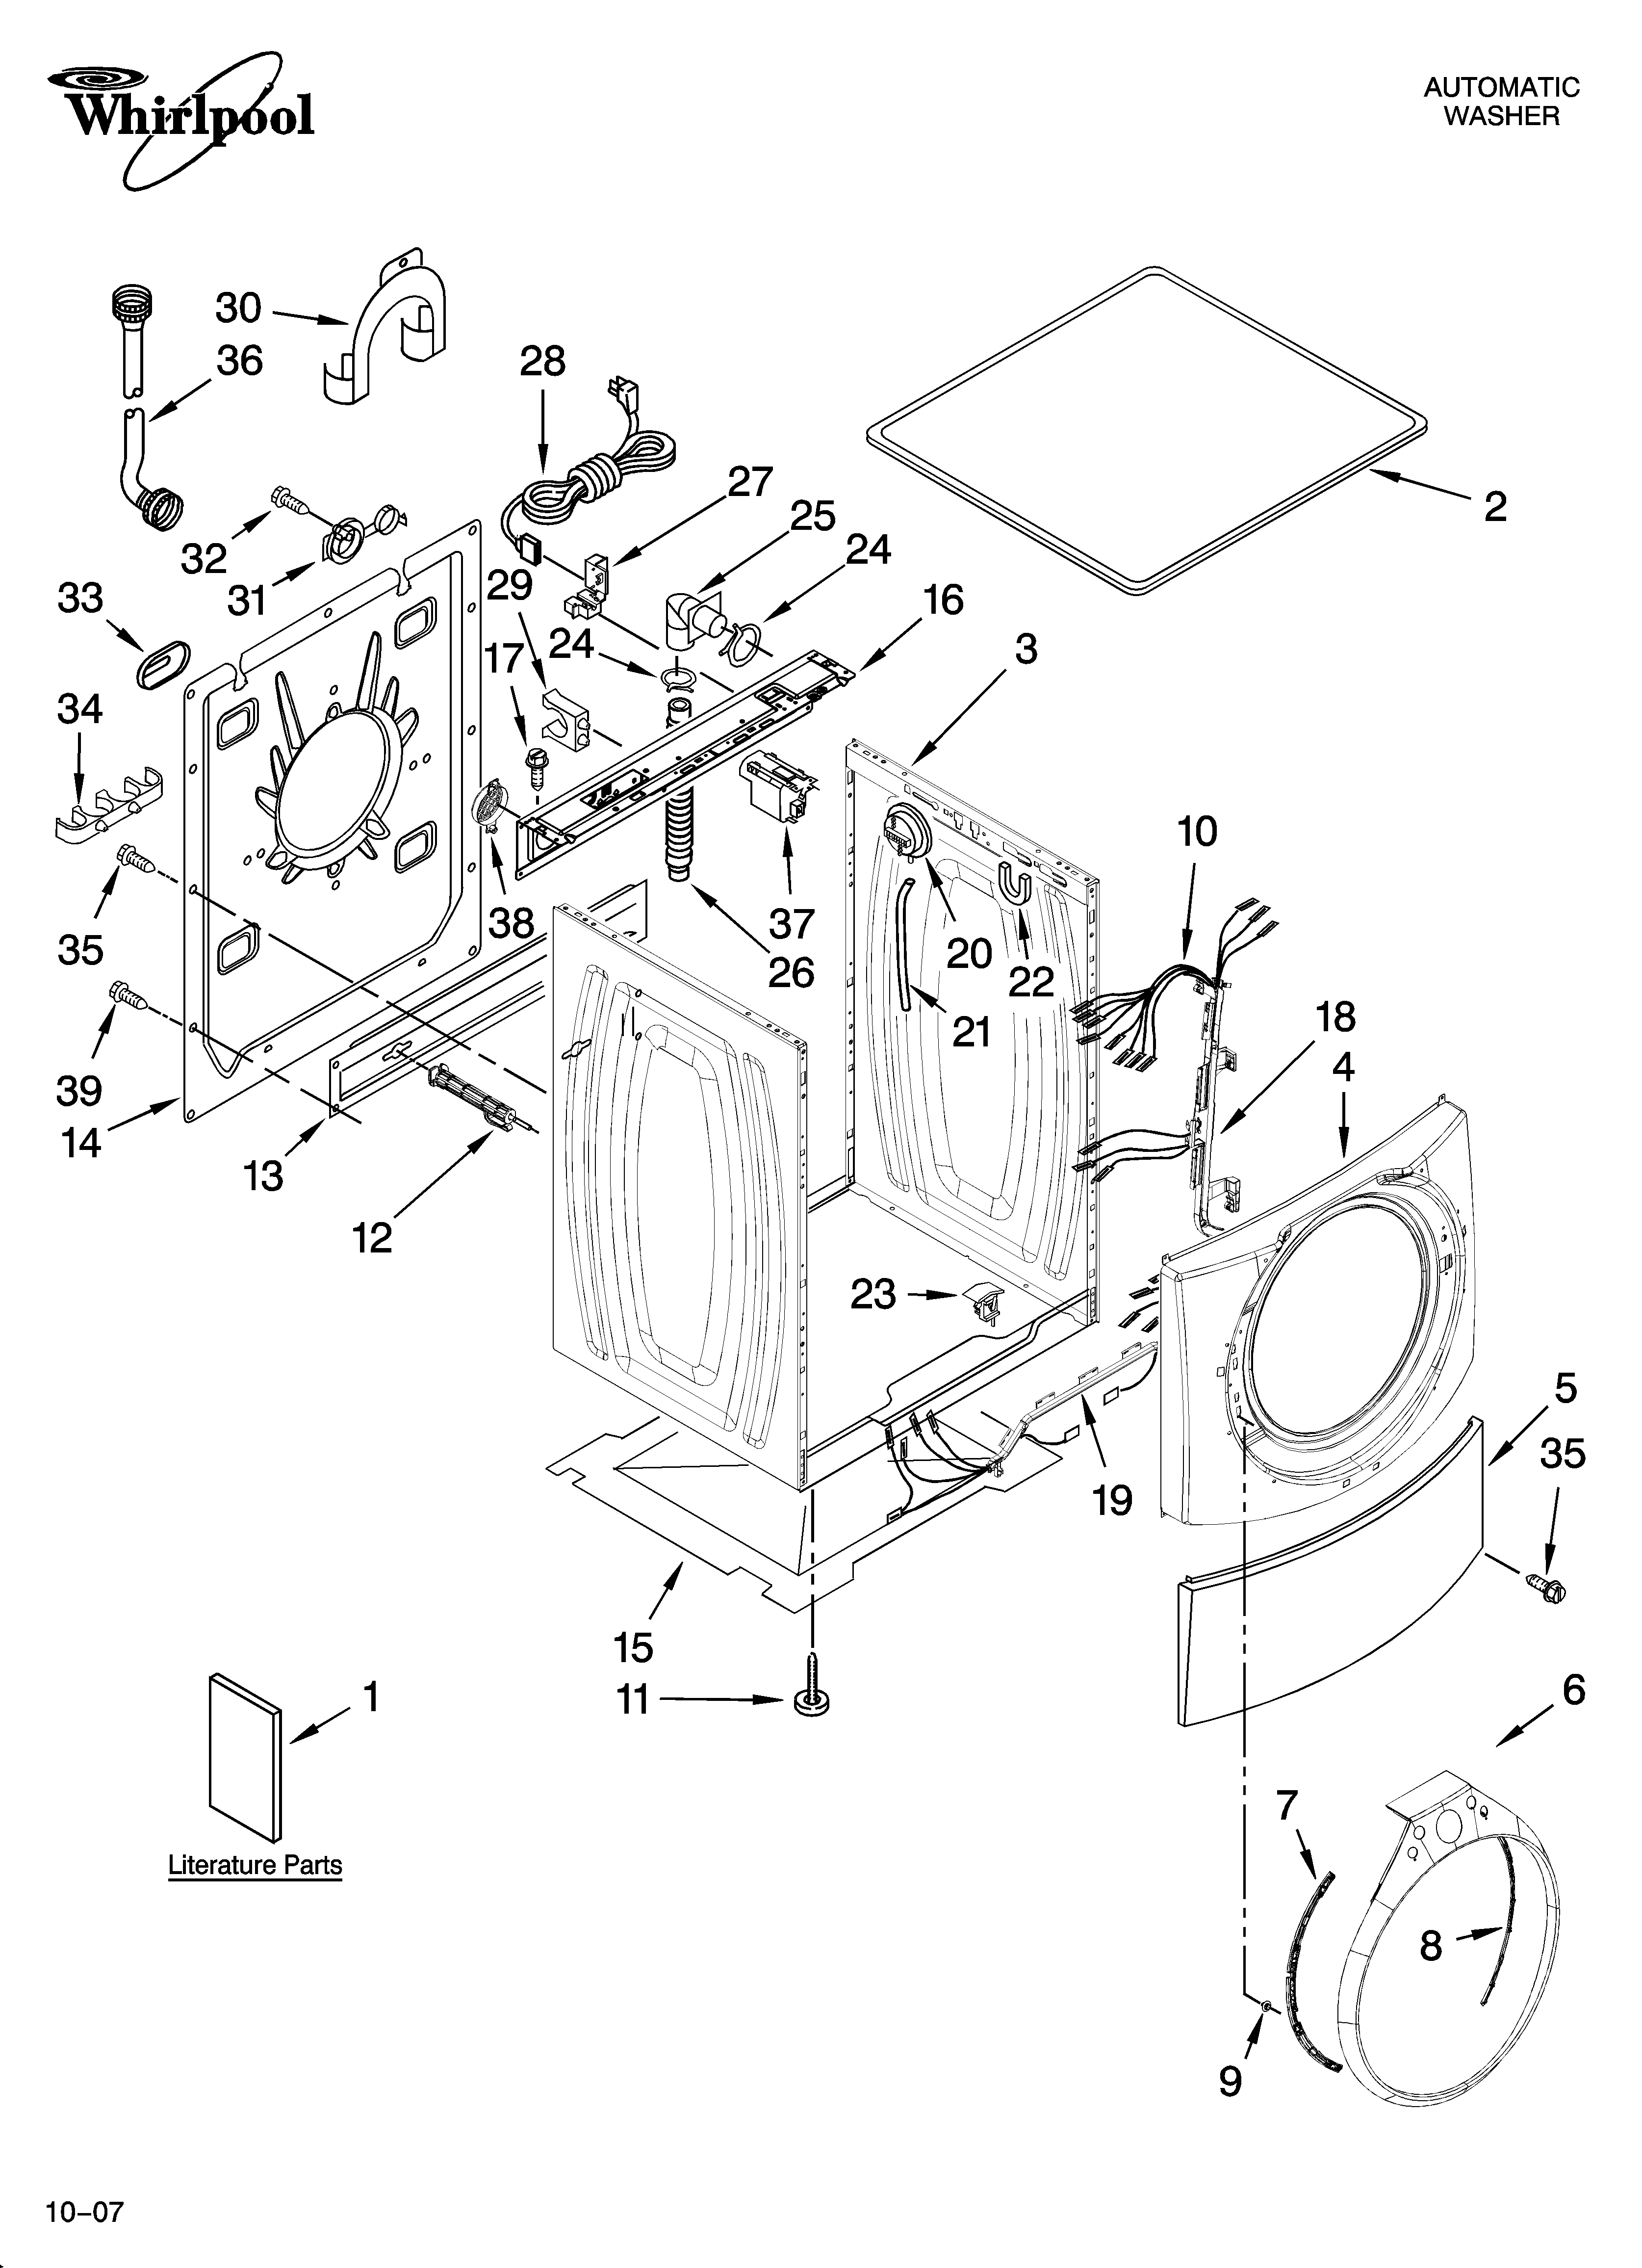 whirlpool dryer schematic wiring diagram re 7596  whirlpool duet washer wire diagram  re 7596  whirlpool duet washer wire diagram